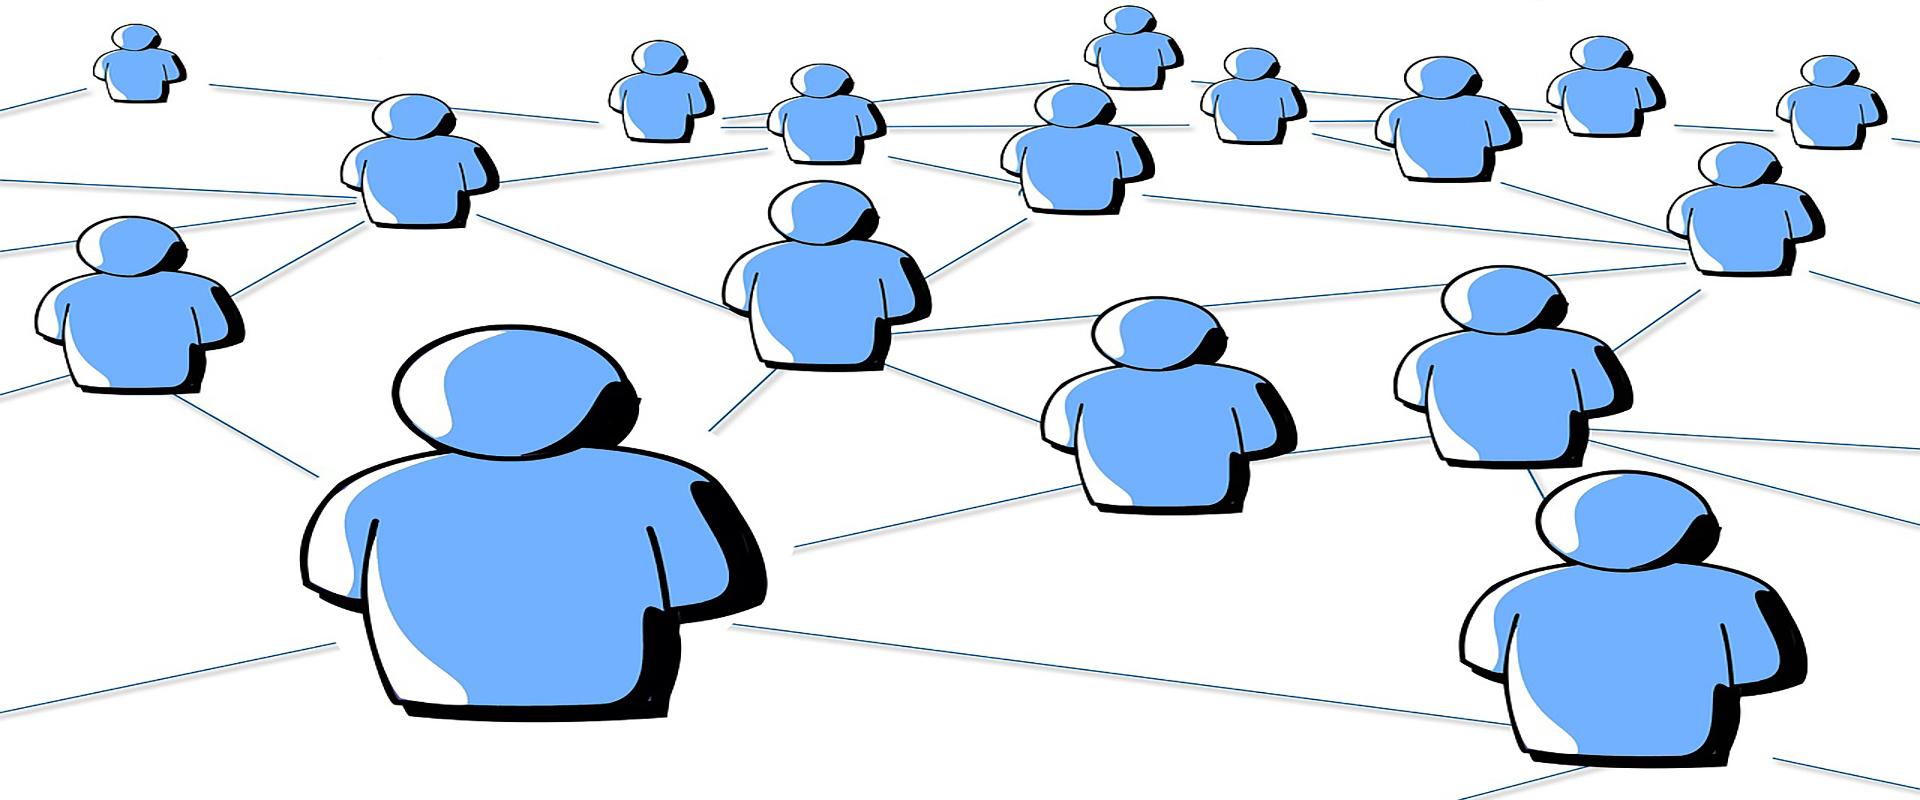 Publiczne konsultacje społeczne.